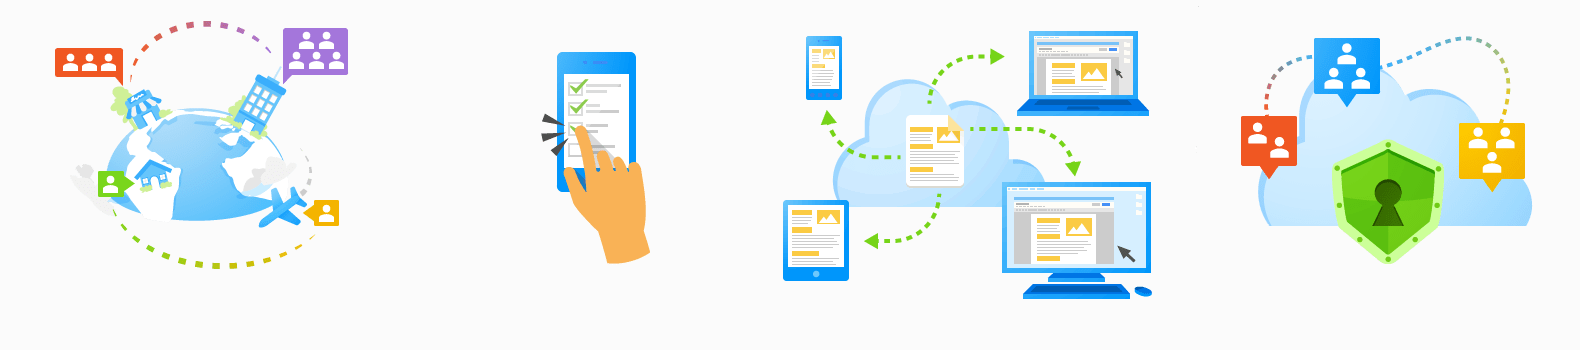 Google Apps Mobile Management ajoute de nouvelles fonctionnalités de sécurité pour les entreprises